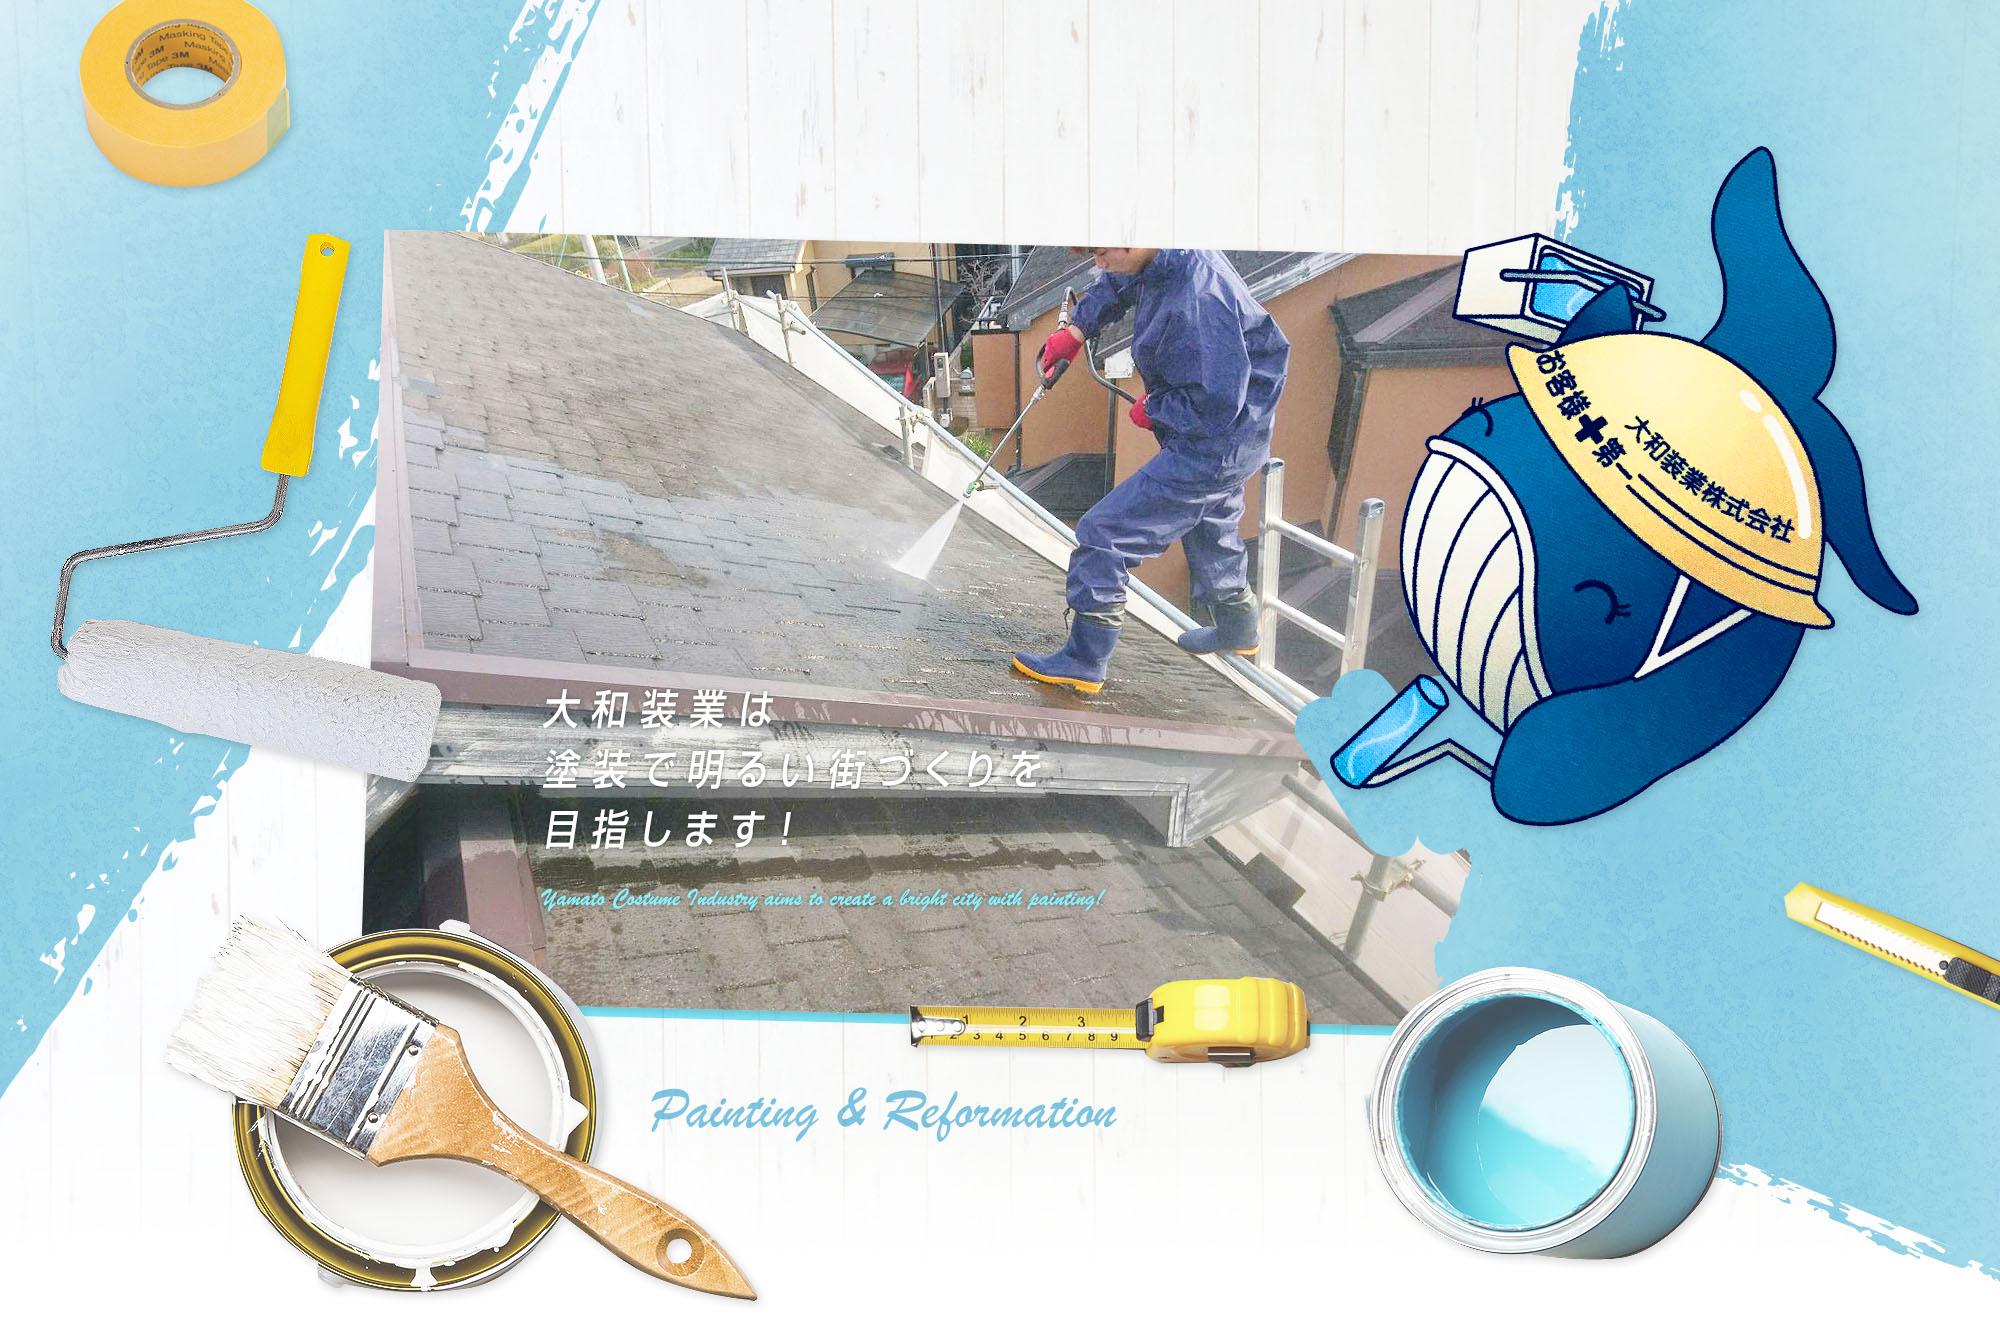 大和装業は 塗装で明るい街づくりを 目指します!